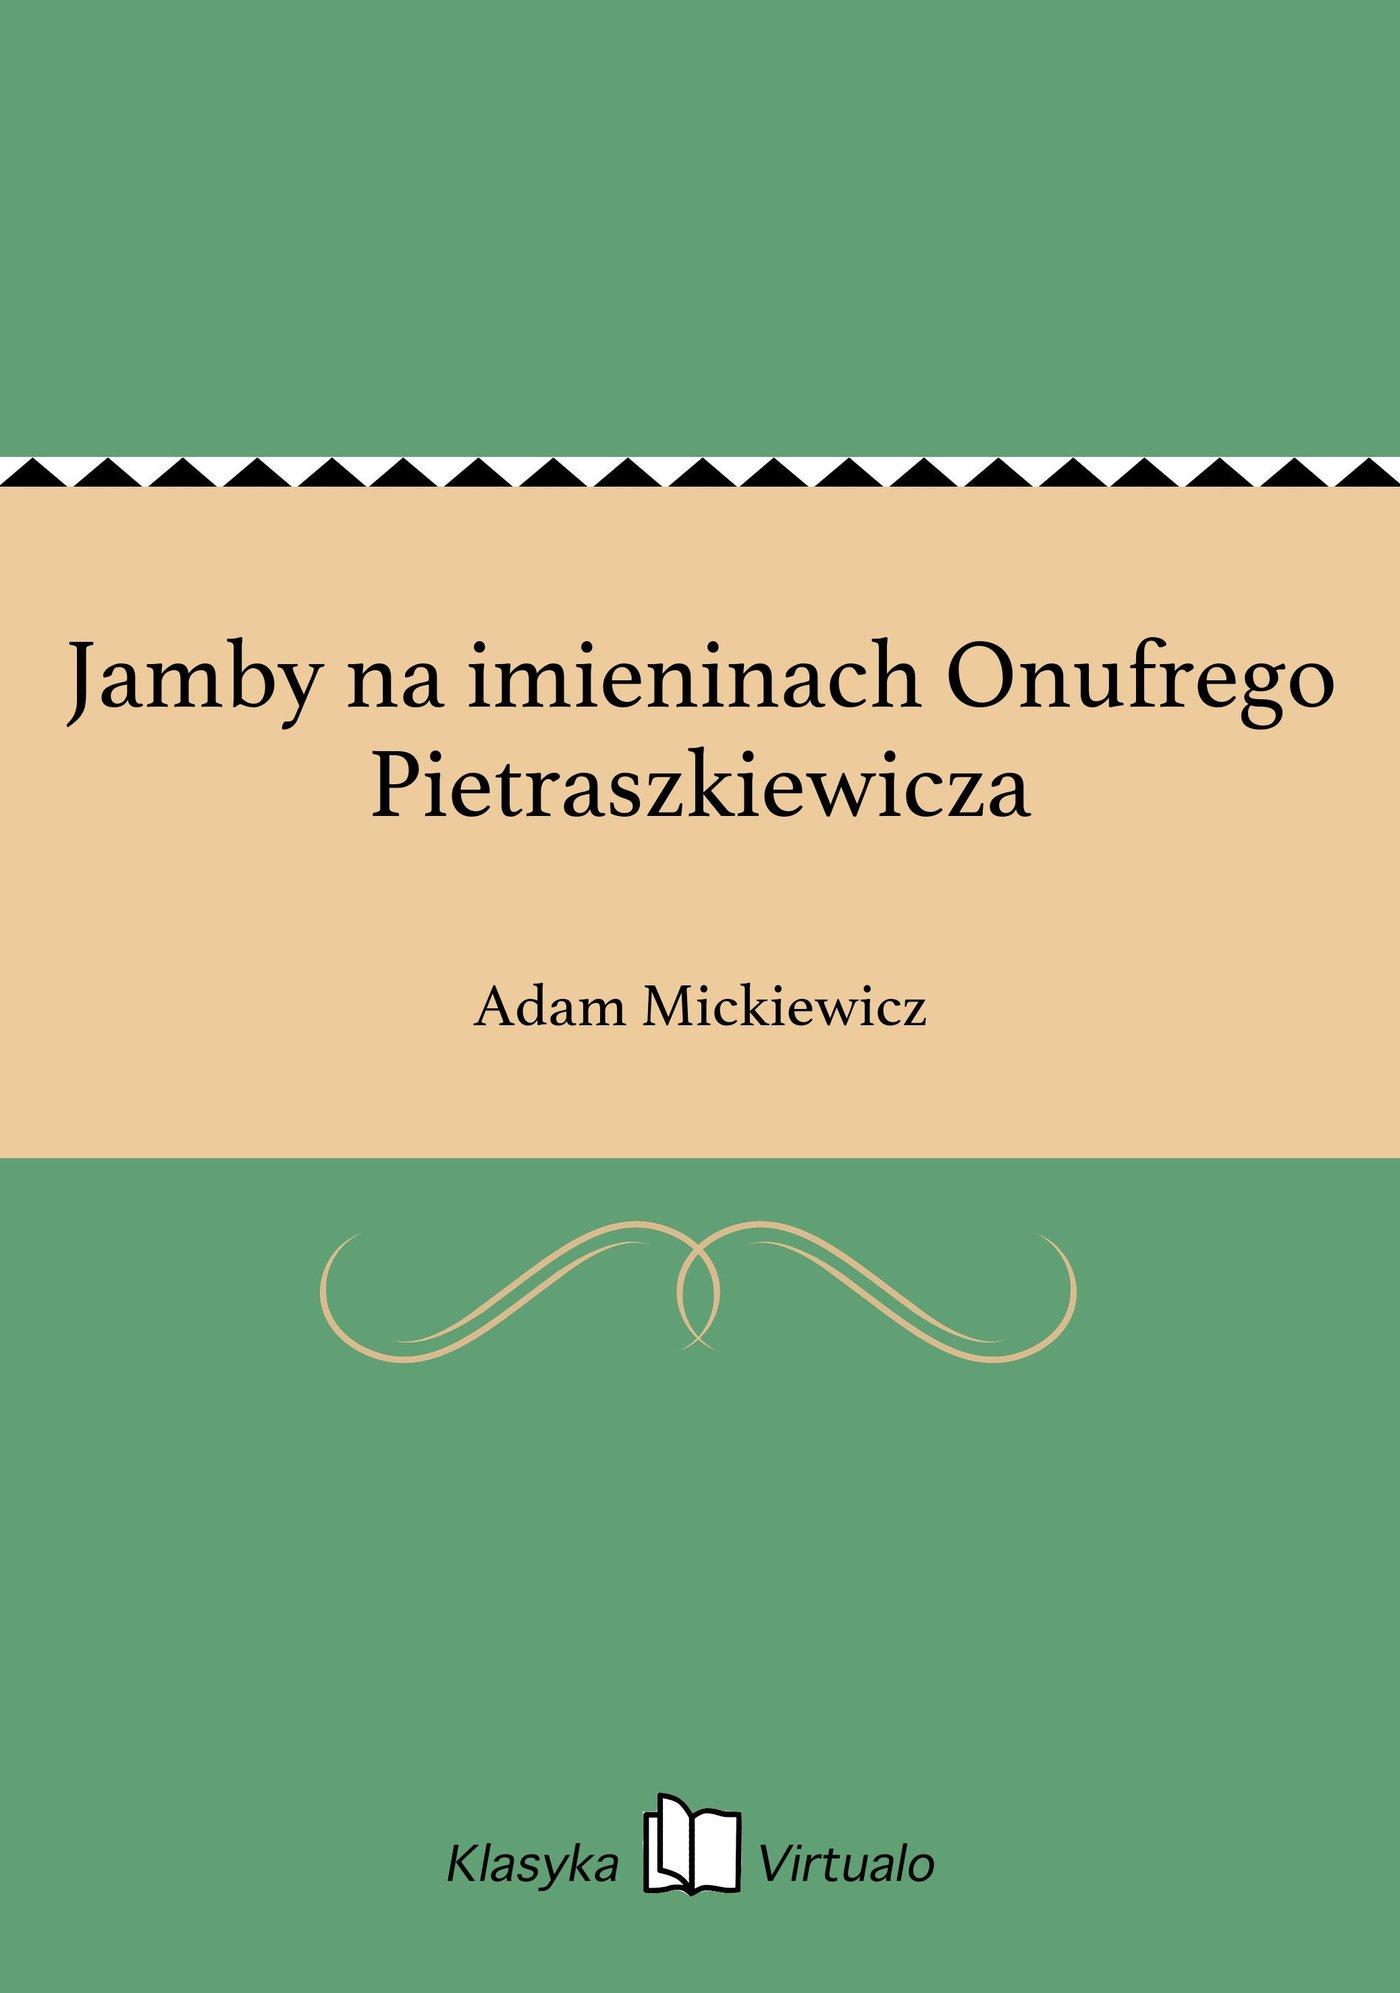 Jamby na imieninach Onufrego Pietraszkiewicza - Ebook (Książka na Kindle) do pobrania w formacie MOBI